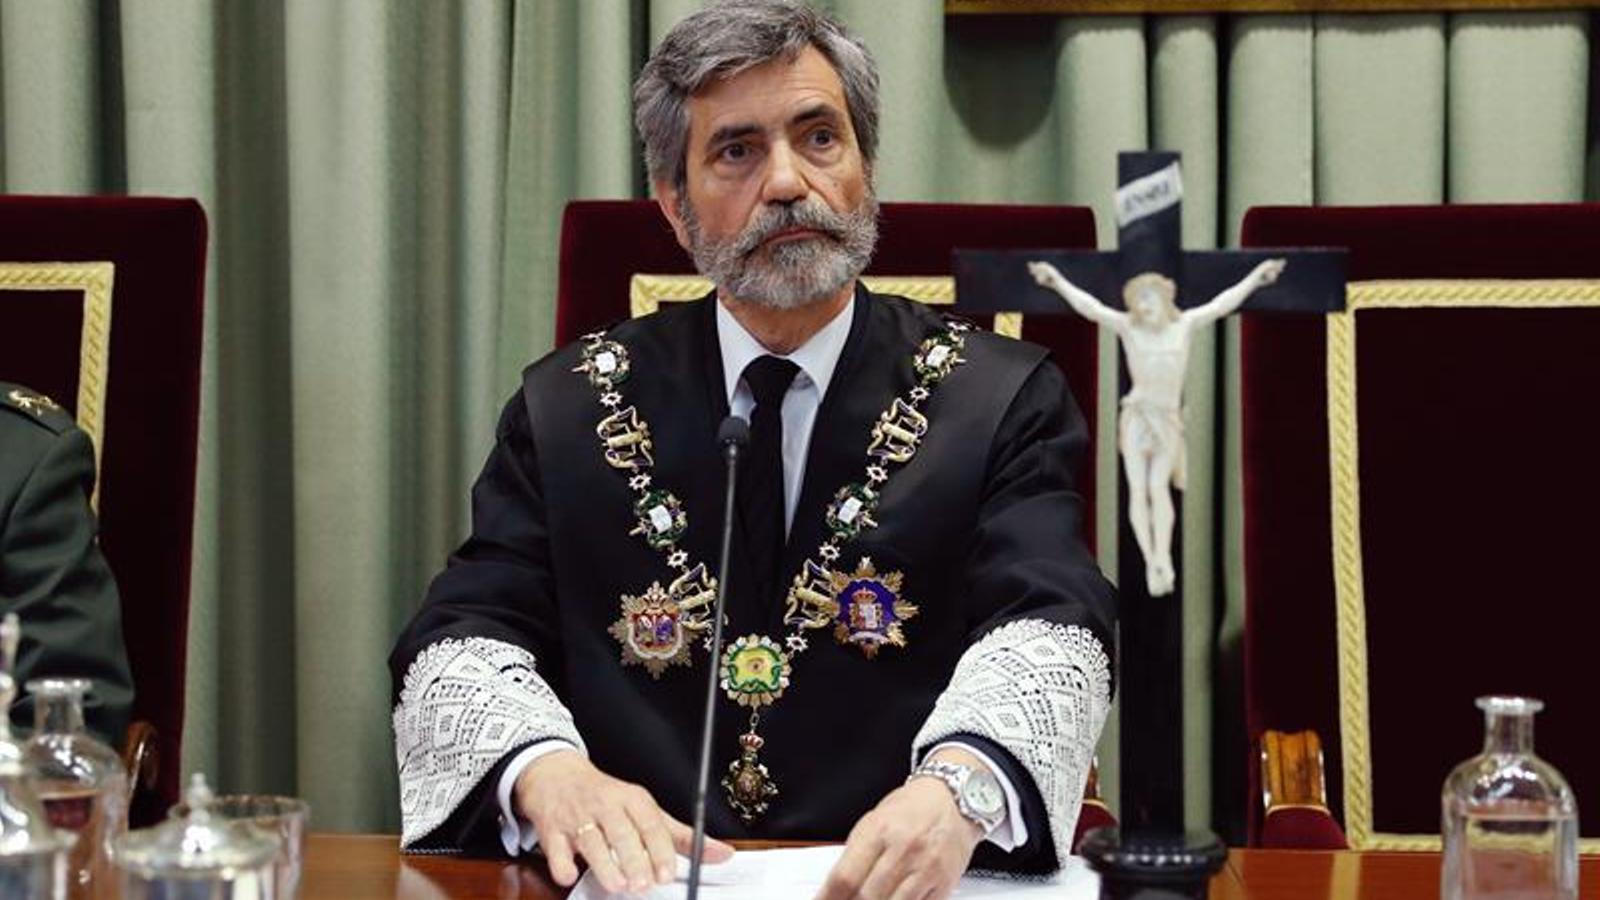 El presidente del CGPJ, Carlos Lesmes. / EFE